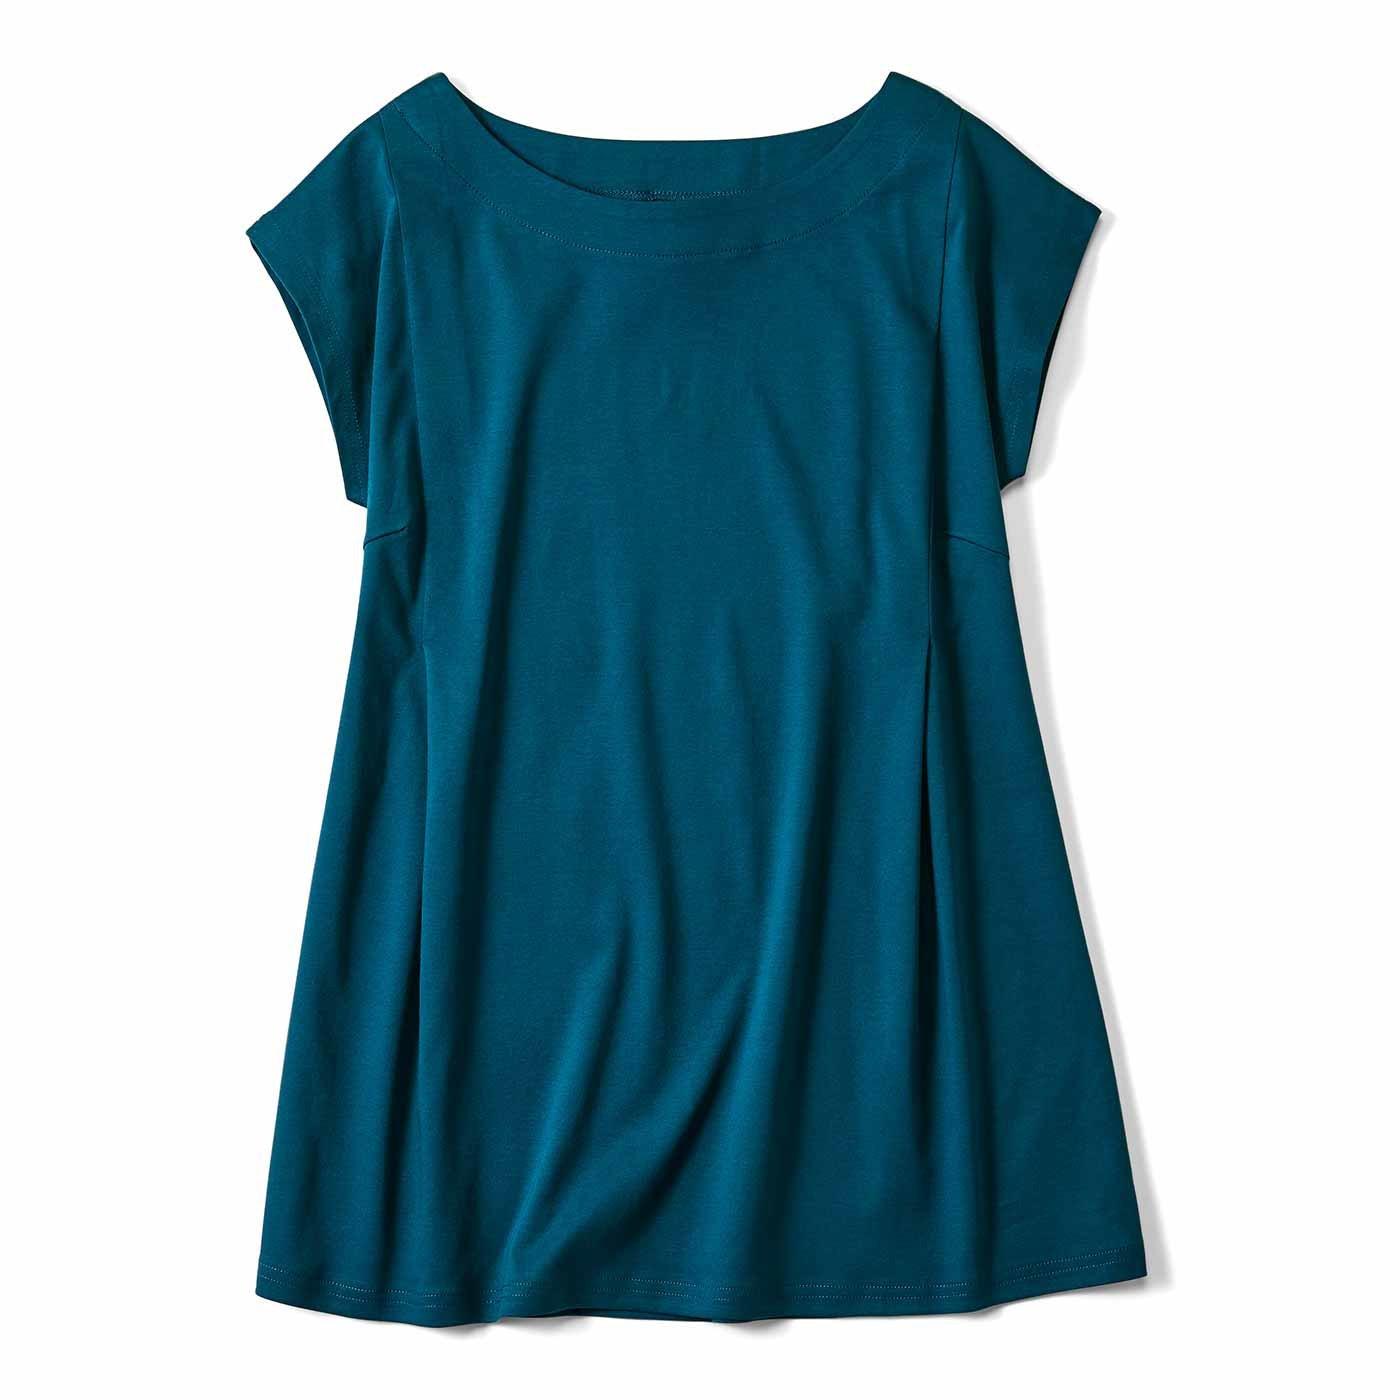 リブ イン コンフォート 抗菌防臭加工がうれしい シルケットコットンの着映え色Tシャツ〈ターコイズグリーン〉